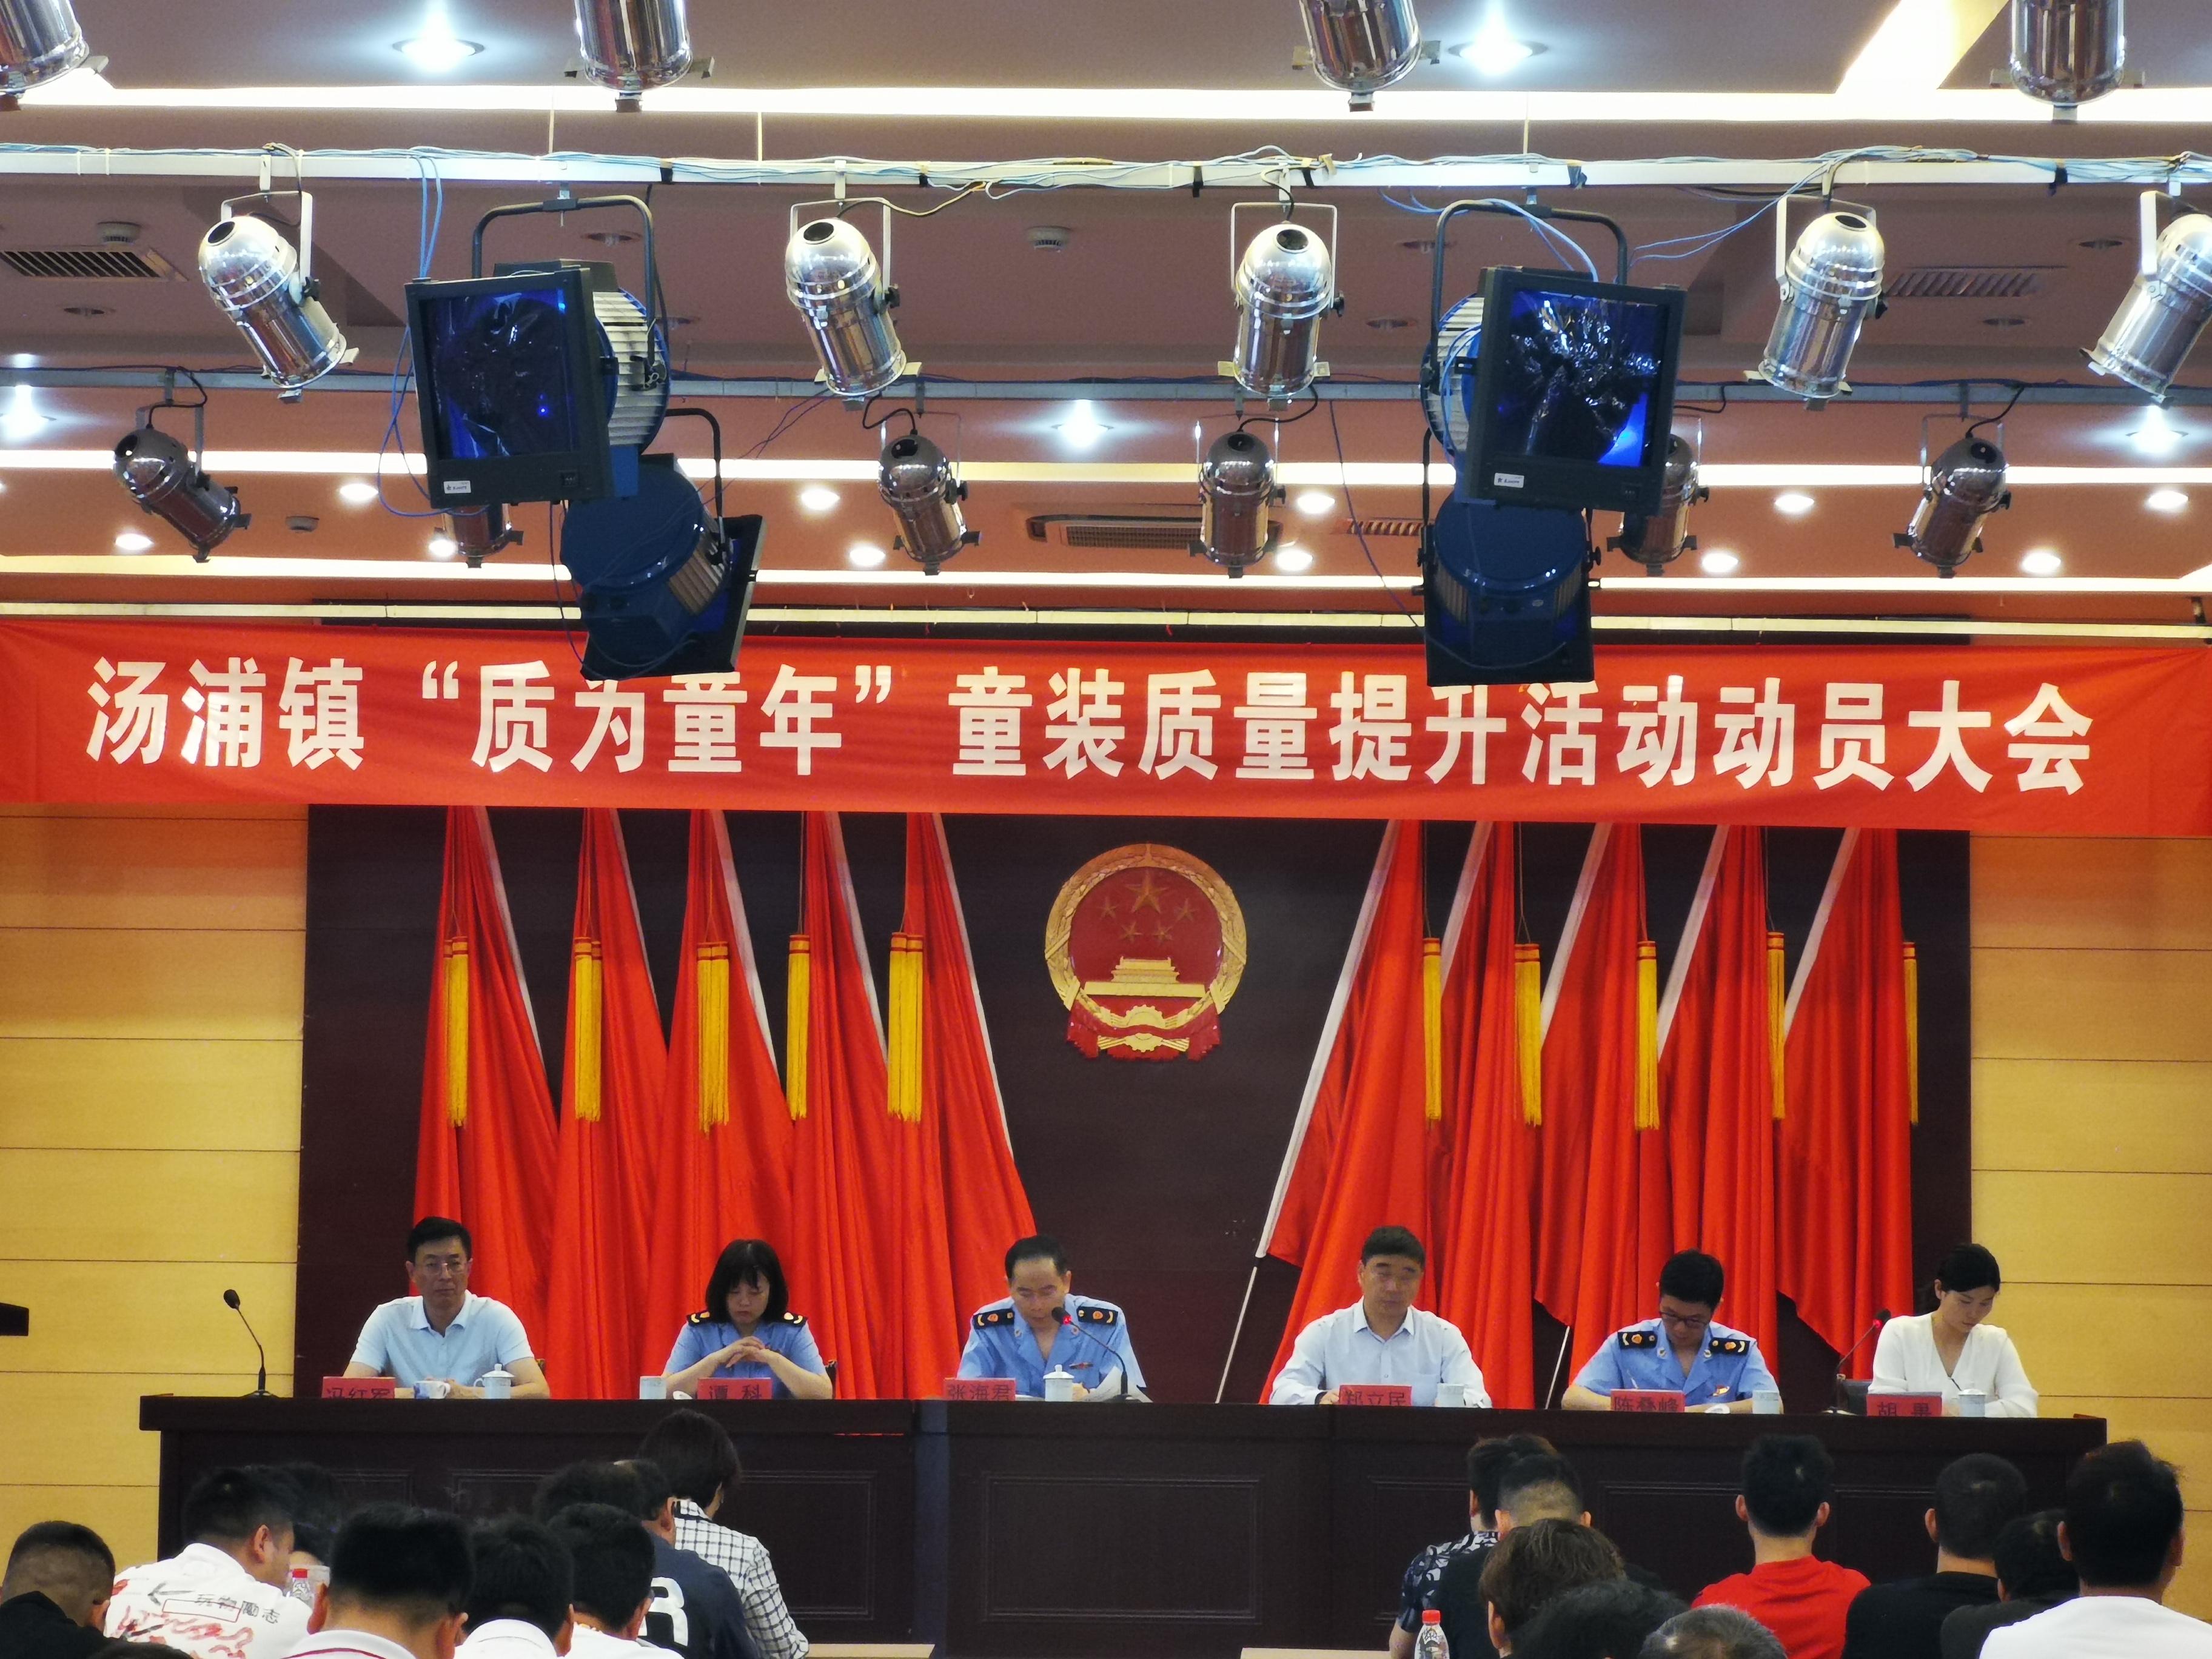 浙江恒祥检测技术服务有限公司与上虞童装协会签订产业提升战略合作协议